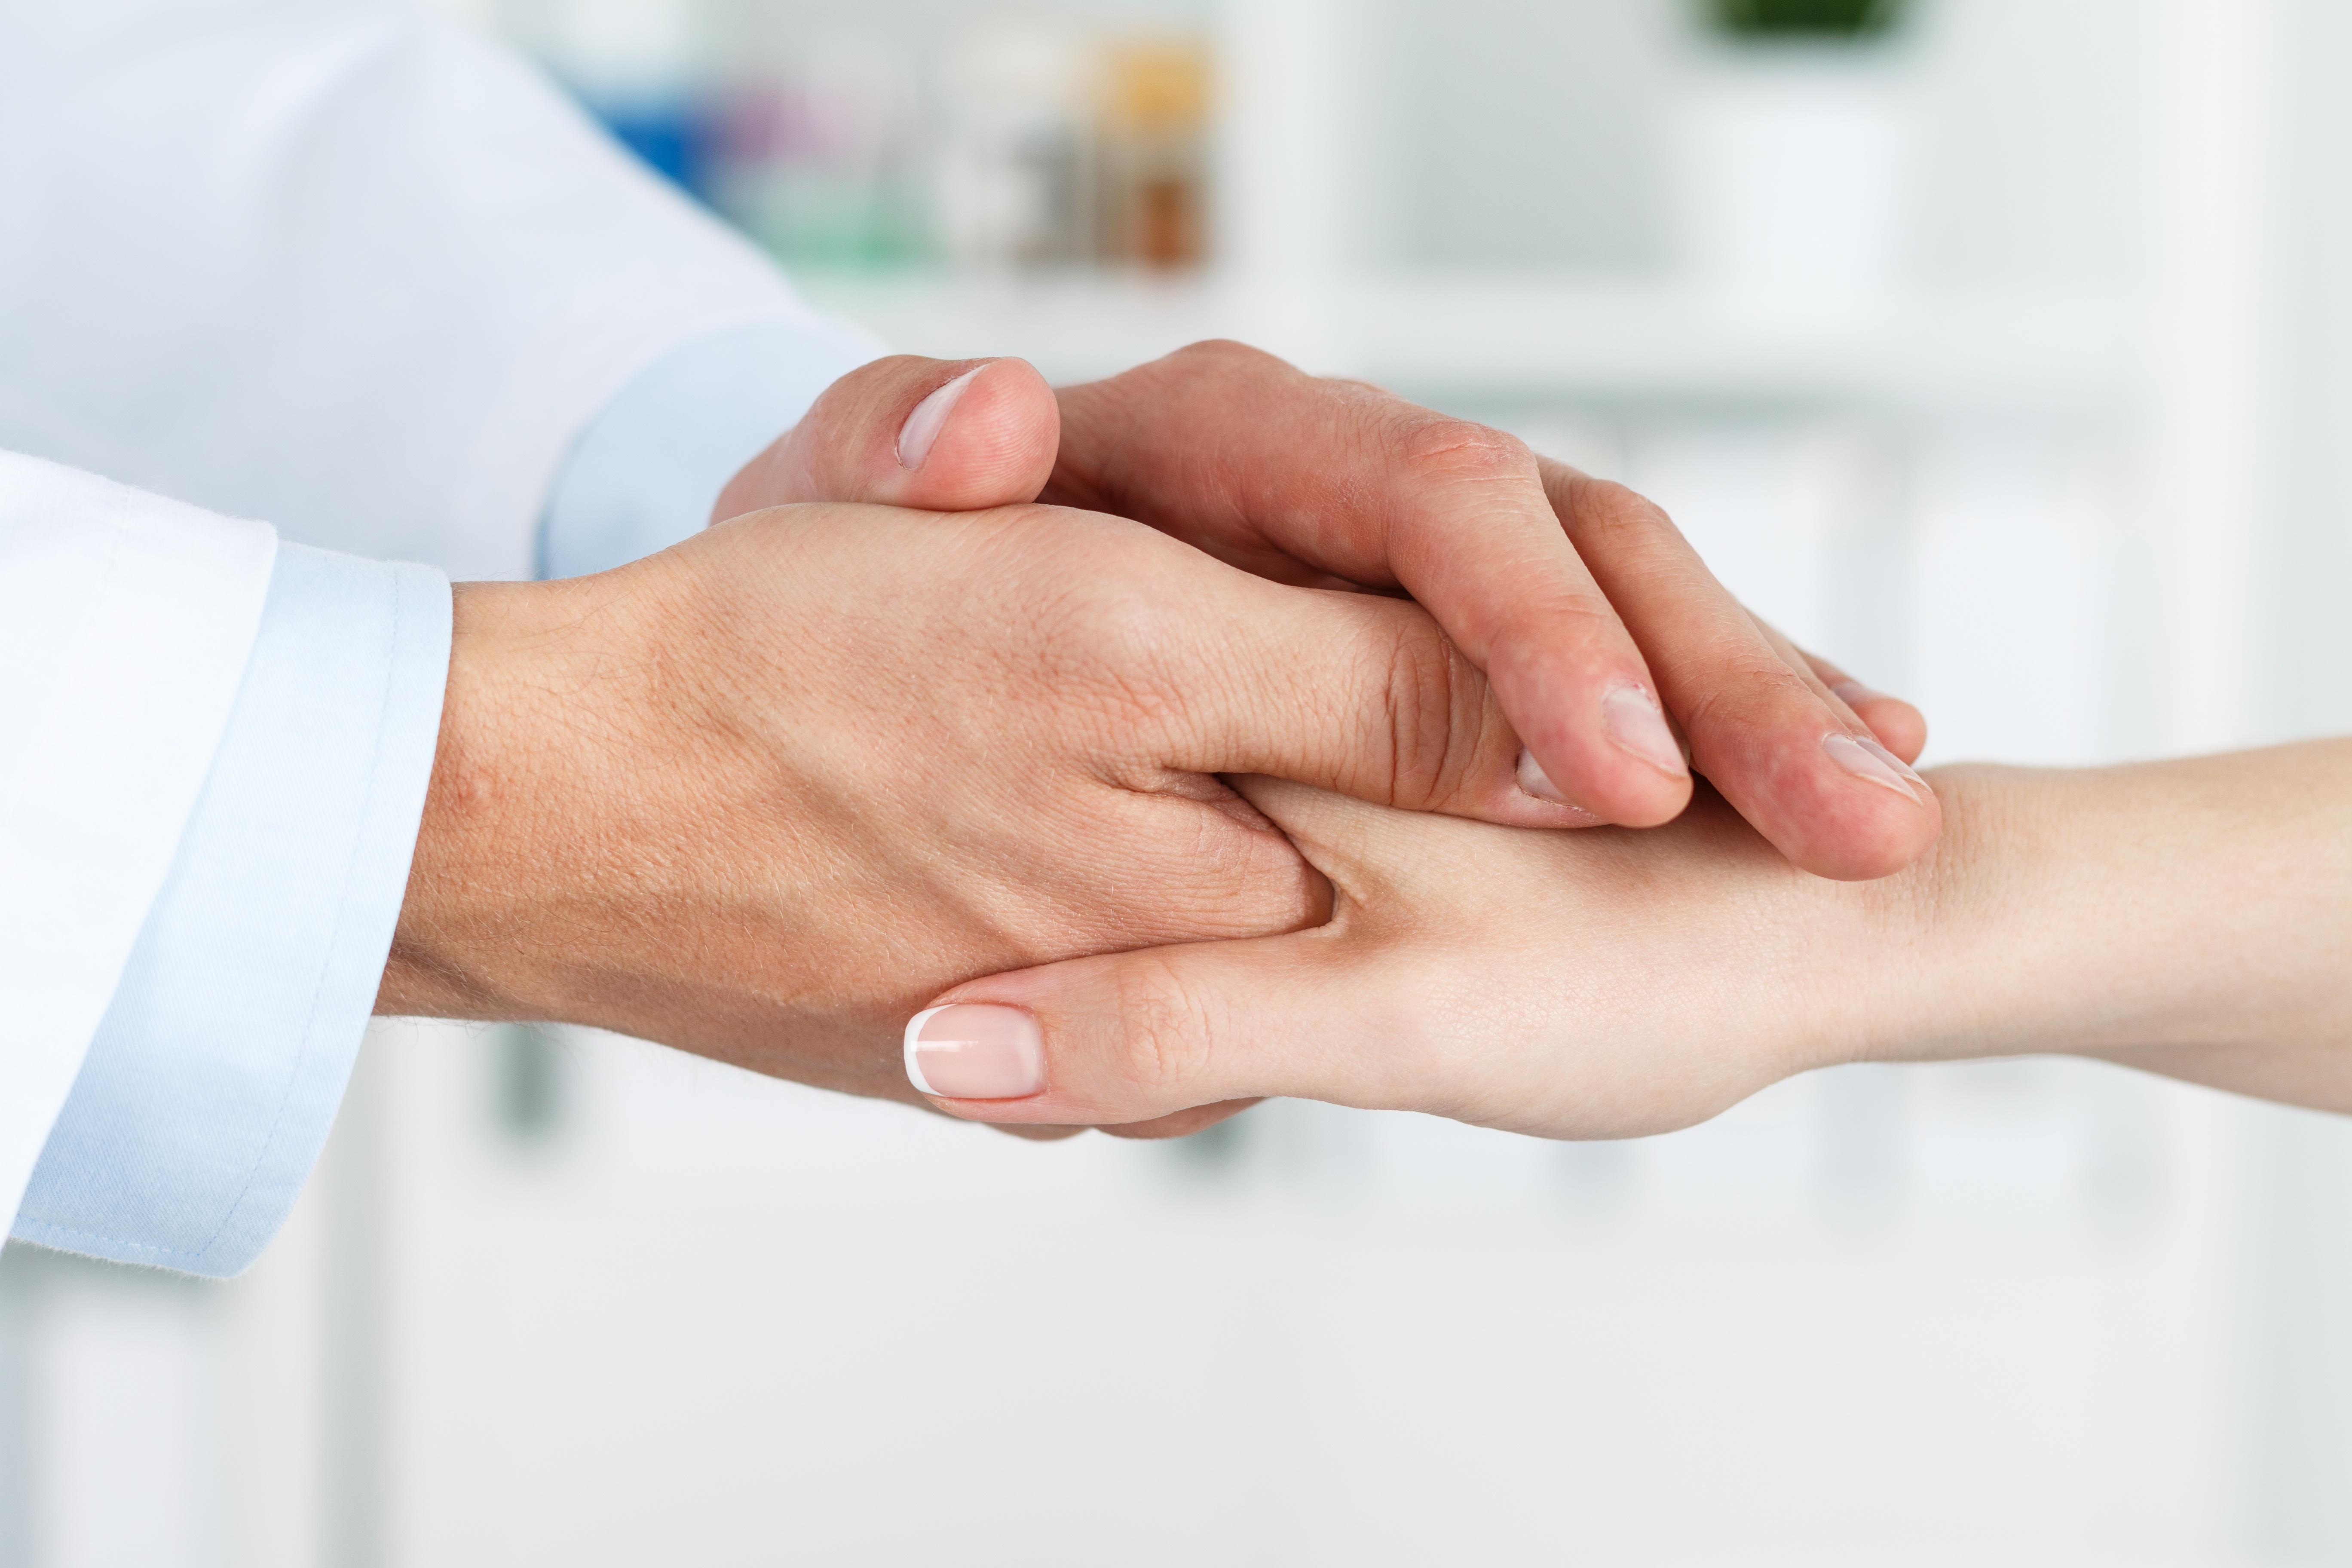 doctor_patient_holding_hands.jpg